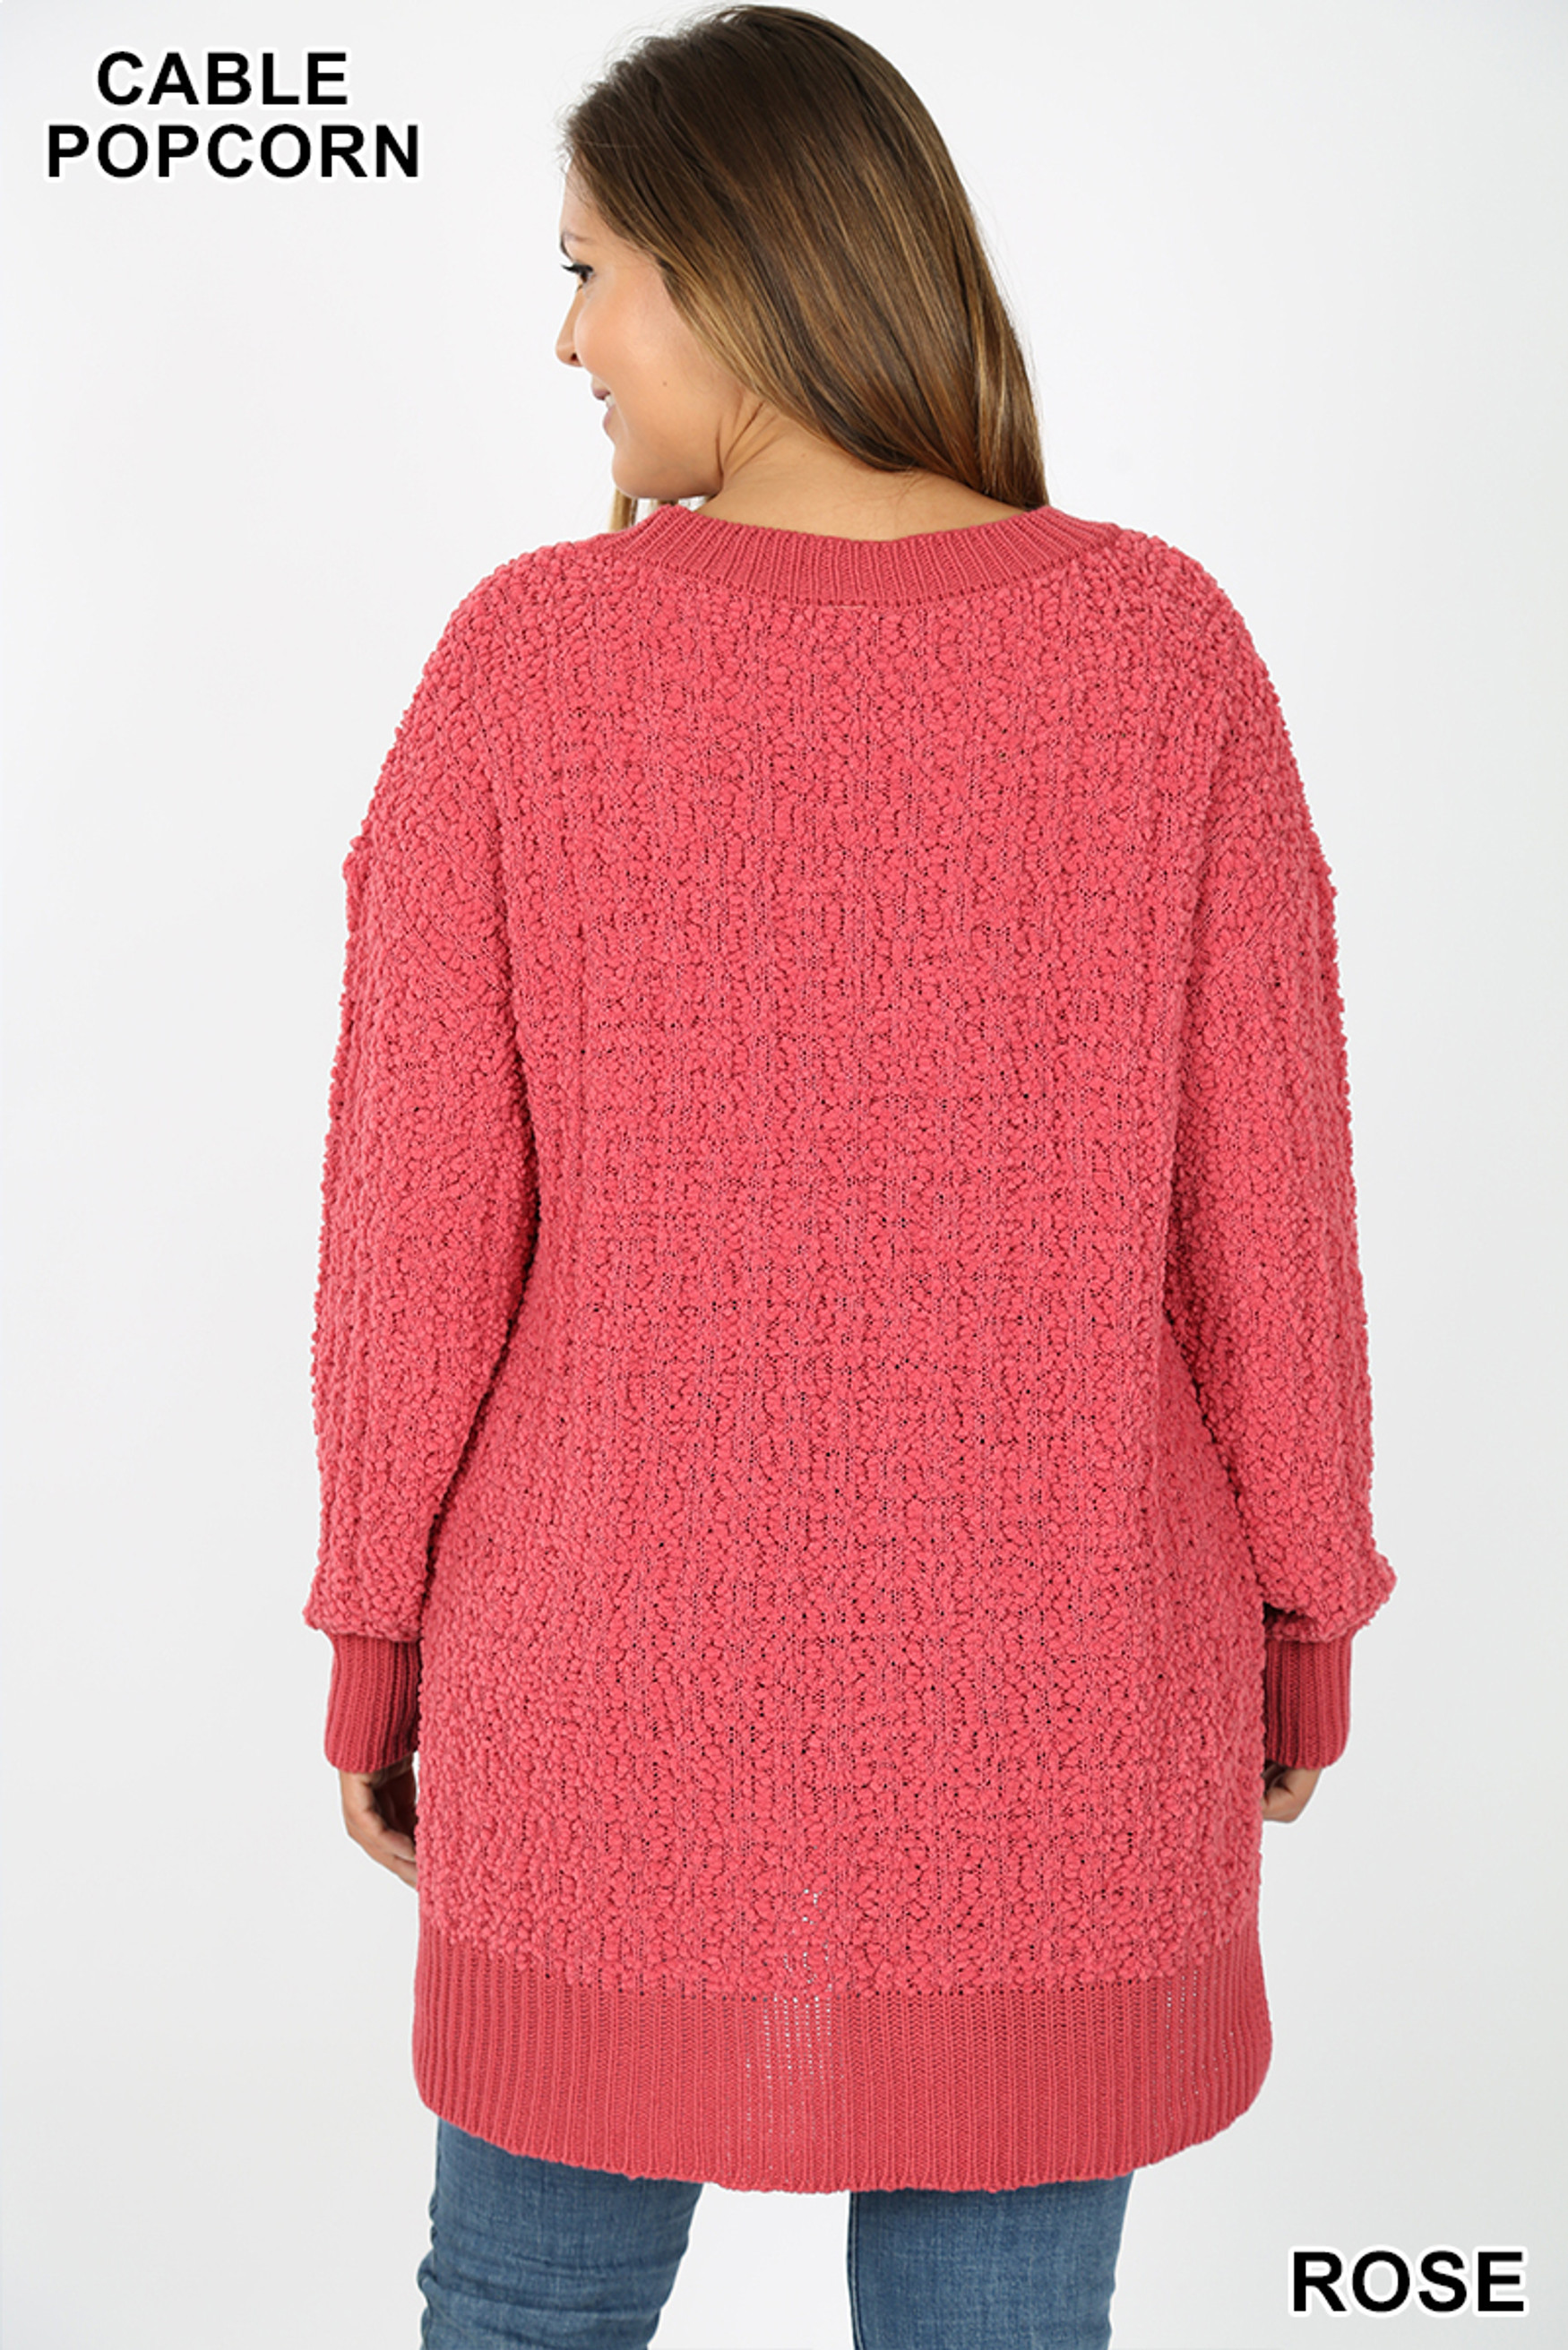 Back side image of Rose Cable Knit Popcorn V-Neck Hi-Low Plus Size Sweater